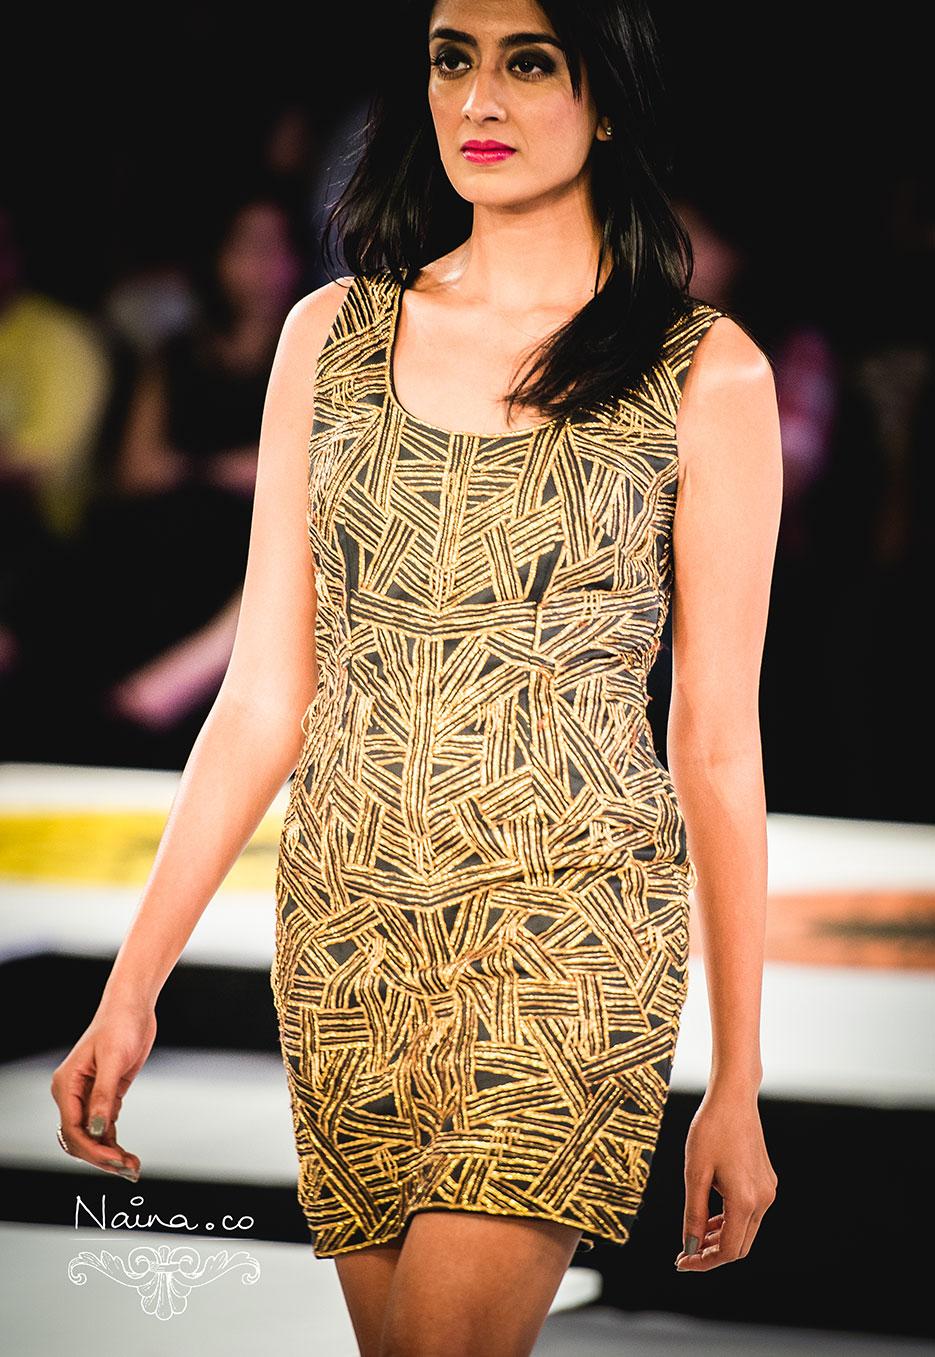 Nandita Mahtani at Blenders Pride Fashion Tour 2012, BPFT2012 photographed by photographer Naina Redhu of Naina.co